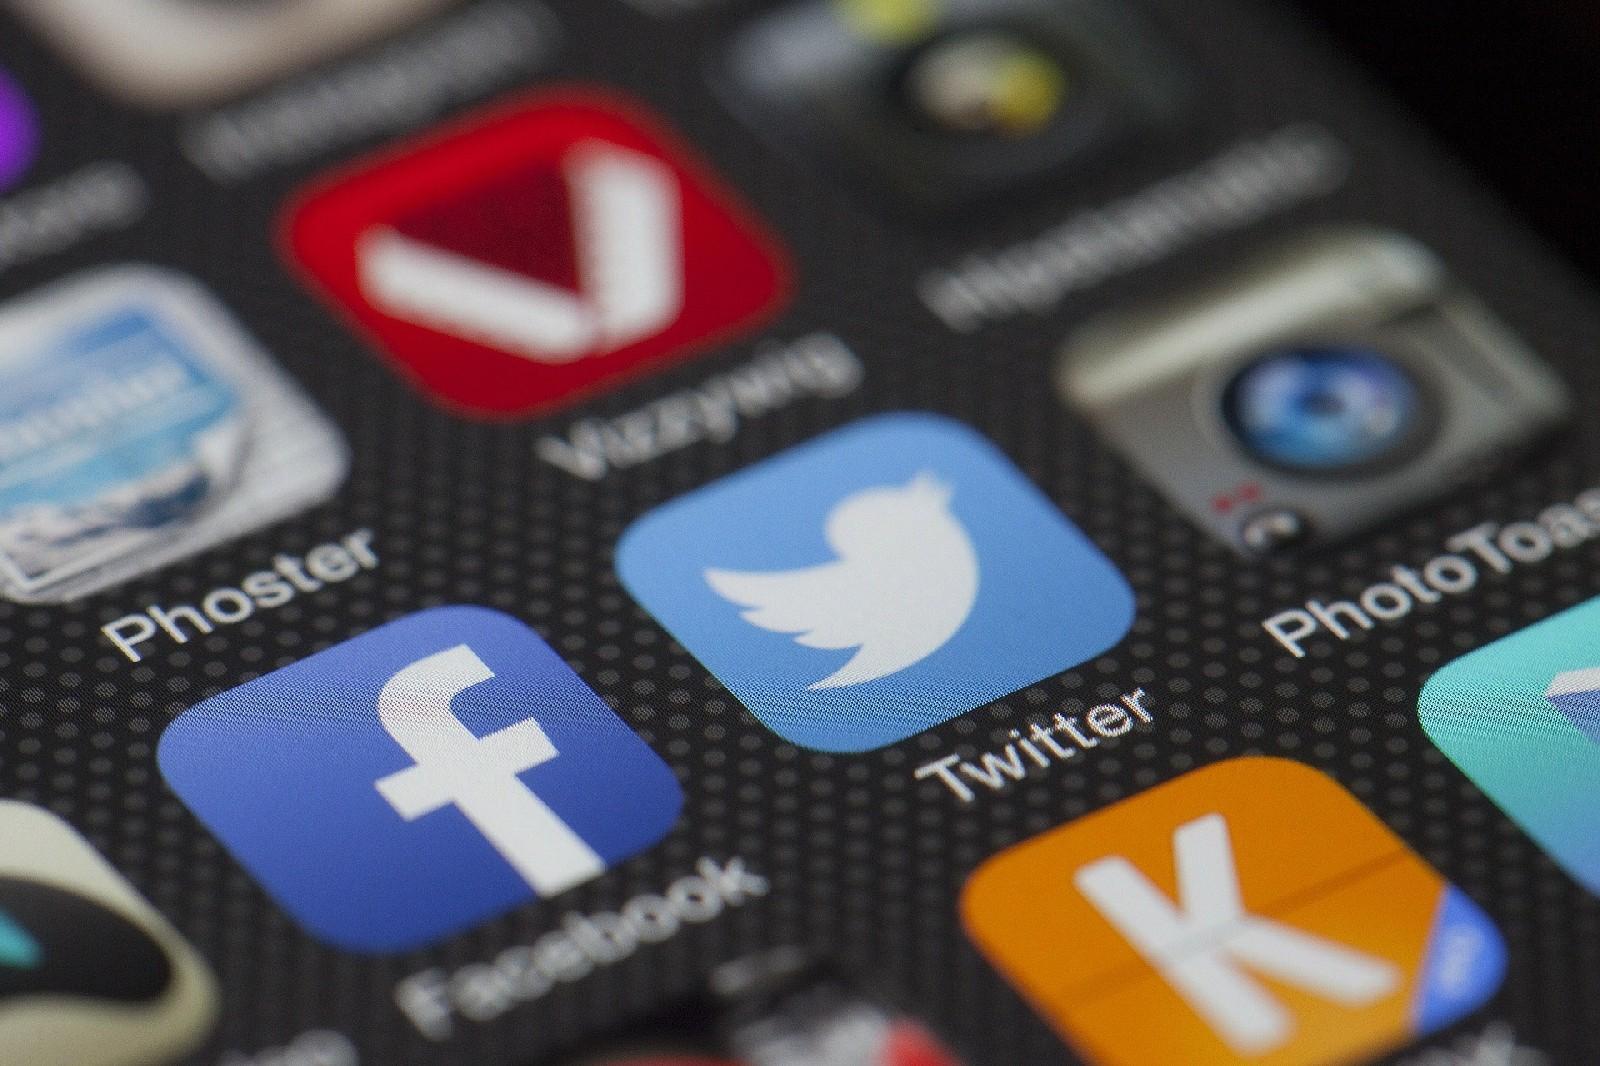 Jak media społecznościowe zmieniły nasze życie?